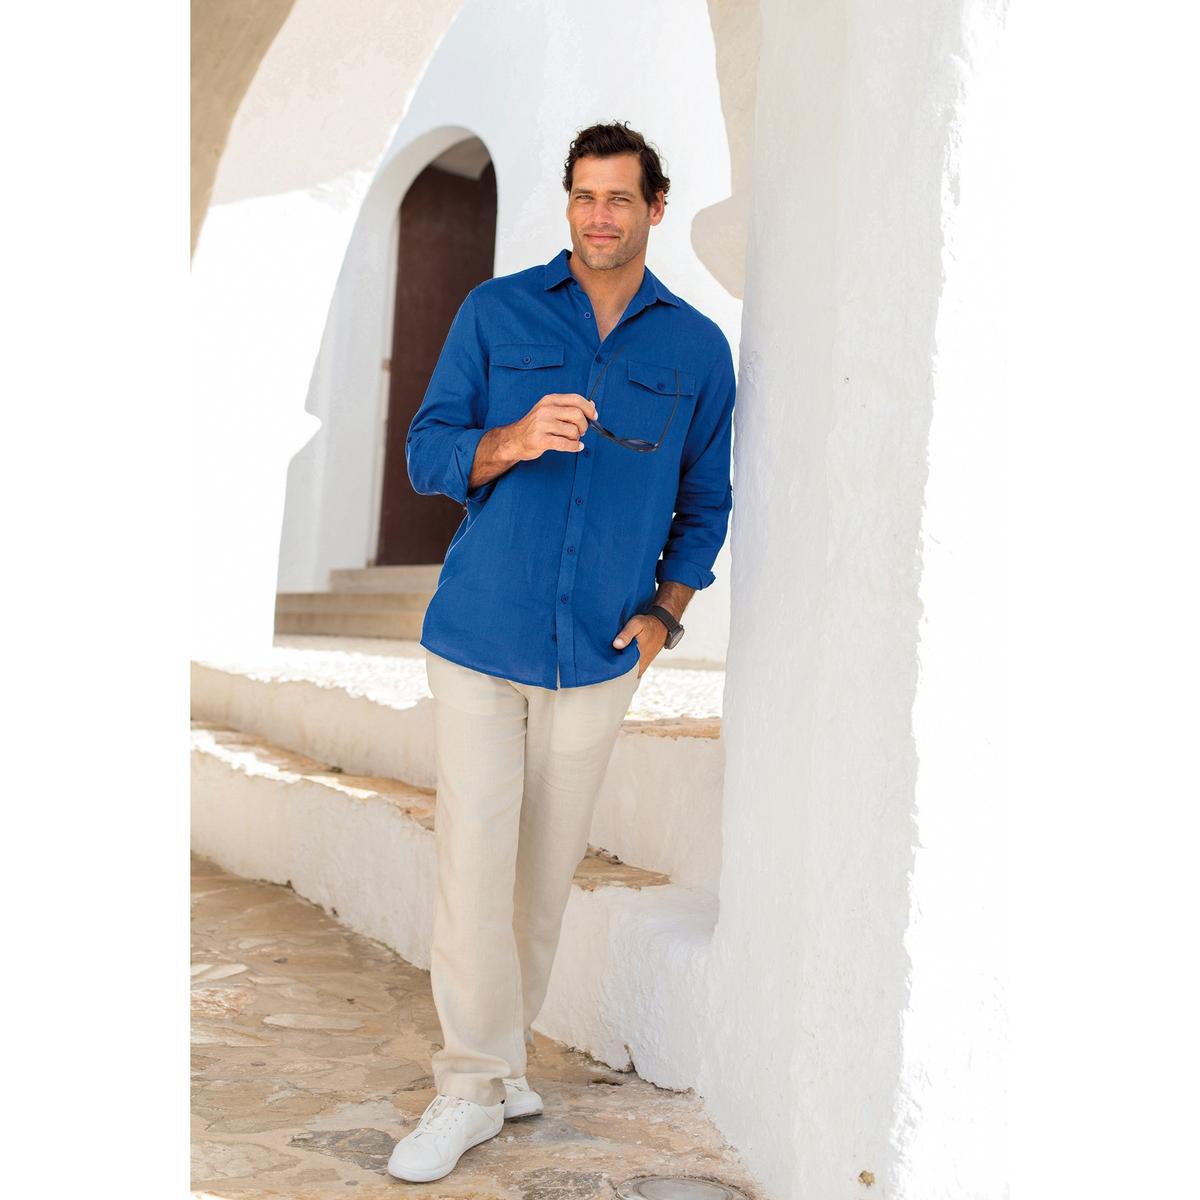 Рубашка с длинными рукавами из льнаРубашка с длинными рукавами. Удобная модель. 100% лен. Длинные рукава можно подворачивать. Воротник со свободными уголками. 2 нагрудных кармана с клапаном. Складка сзади. Закругленный низ. - длина рубашки спереди : 83 см для размера 41/42 и 92 см для размера 59/60.- длина рукавов : 65 см<br><br>Цвет: голубой меланж<br>Размер: 45/46.57/58.53/54.51/52